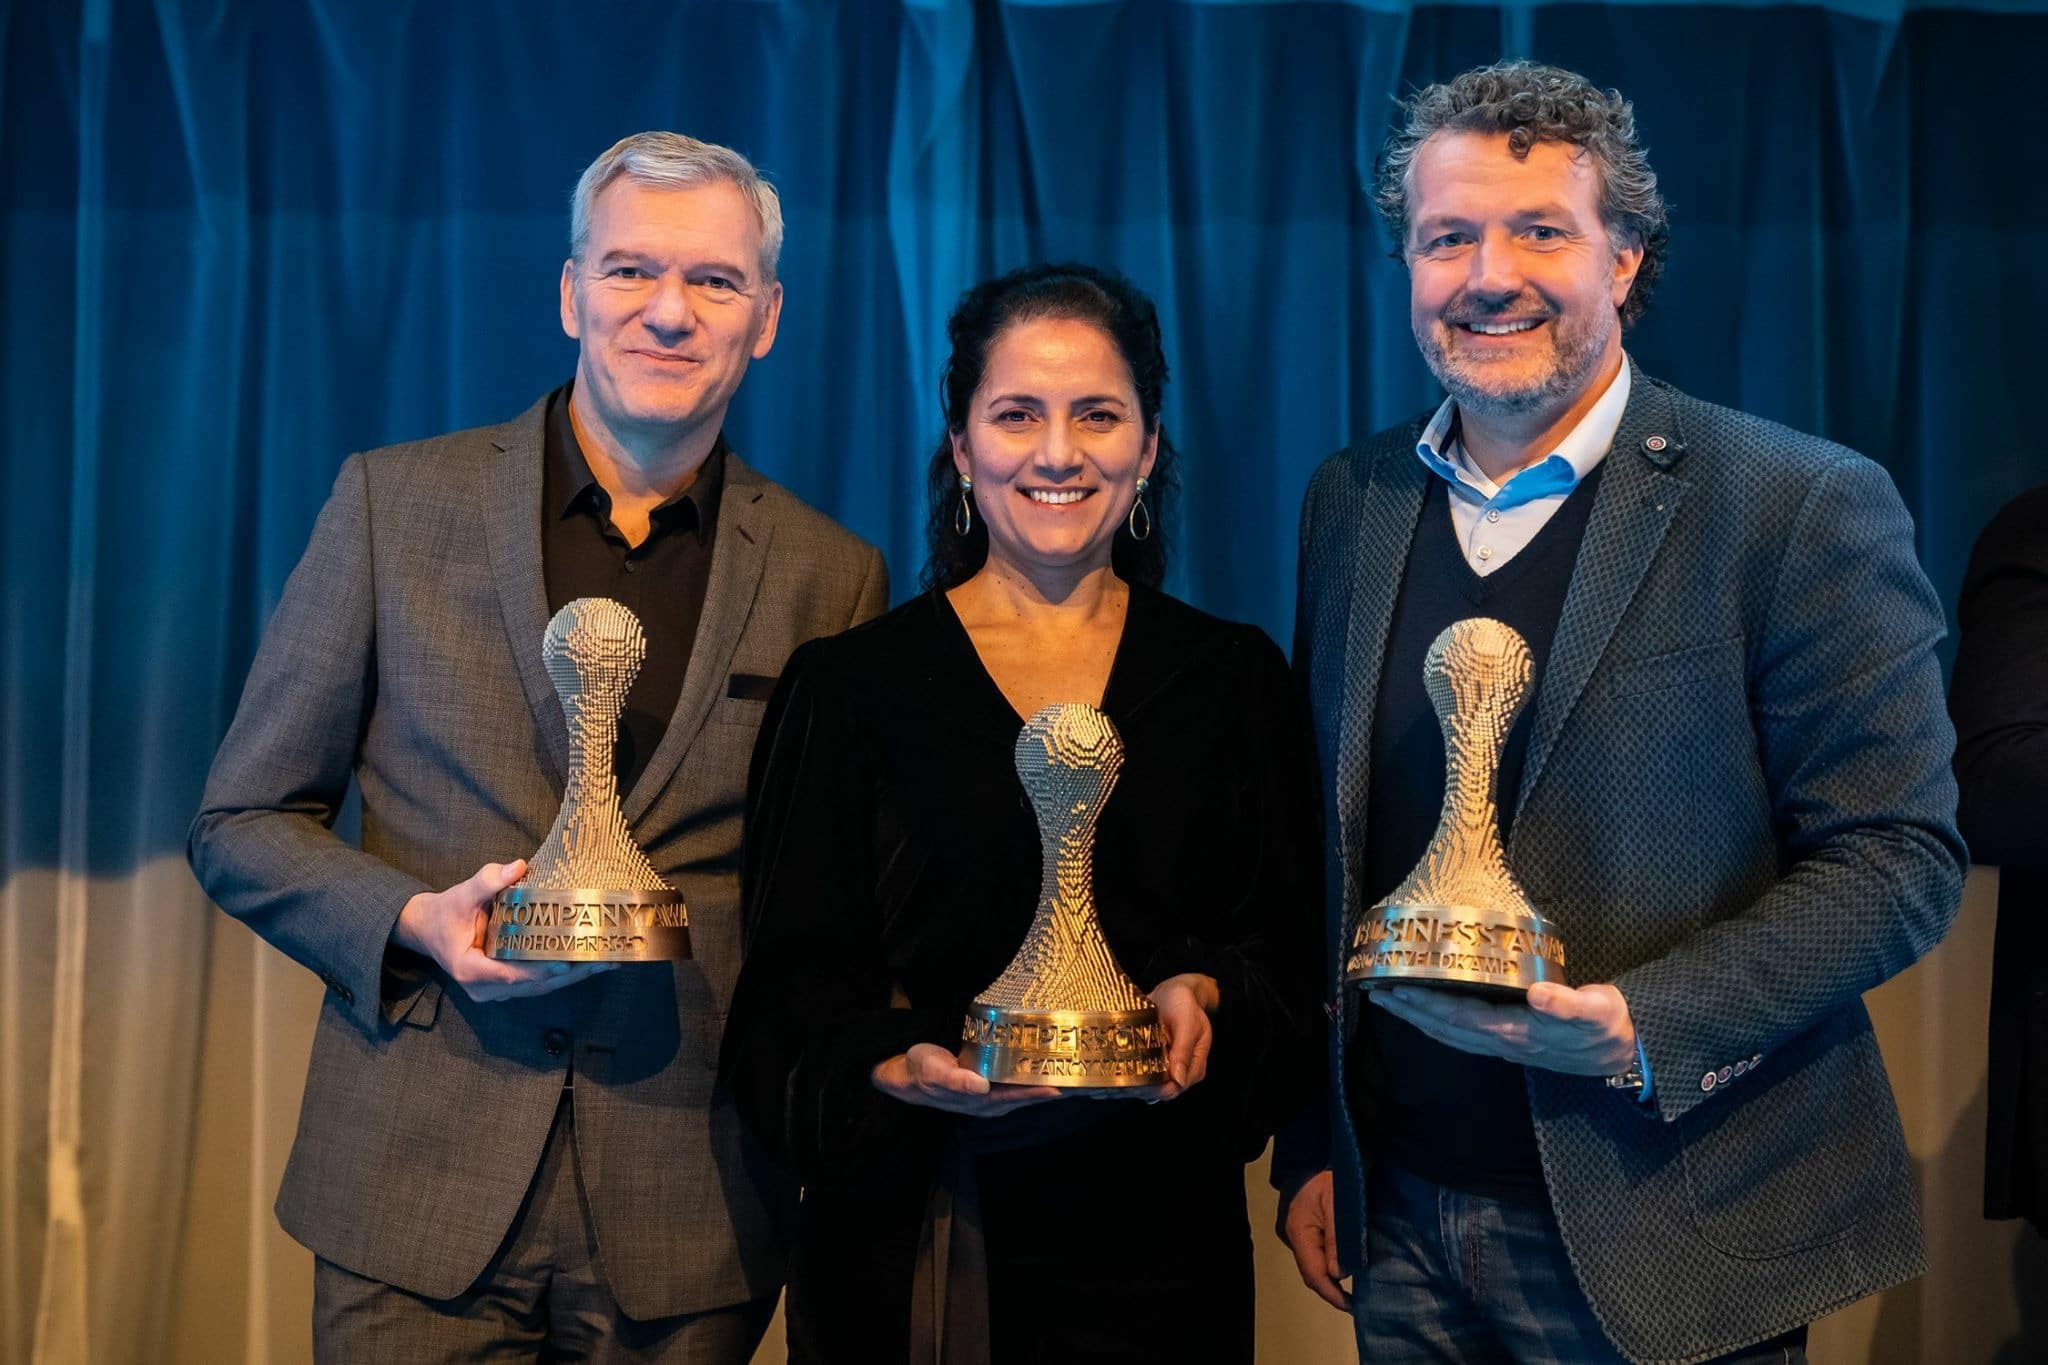 De prijswinnaars, met Jeroen Veldkamp rechts